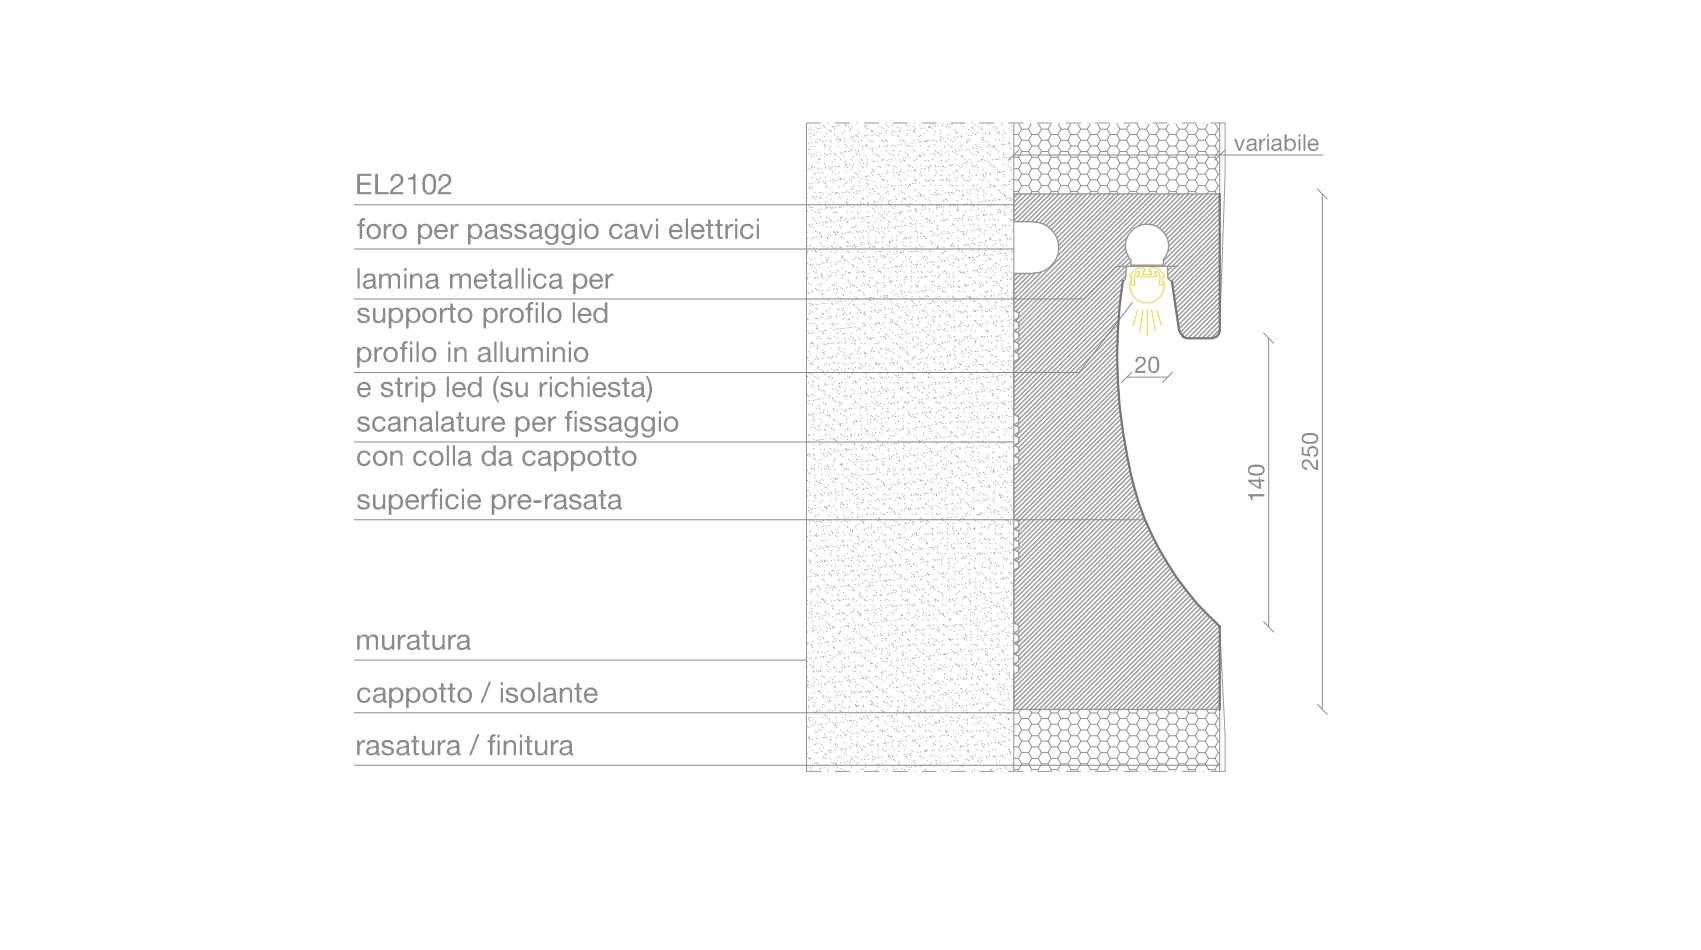 EL2102-sezione-web